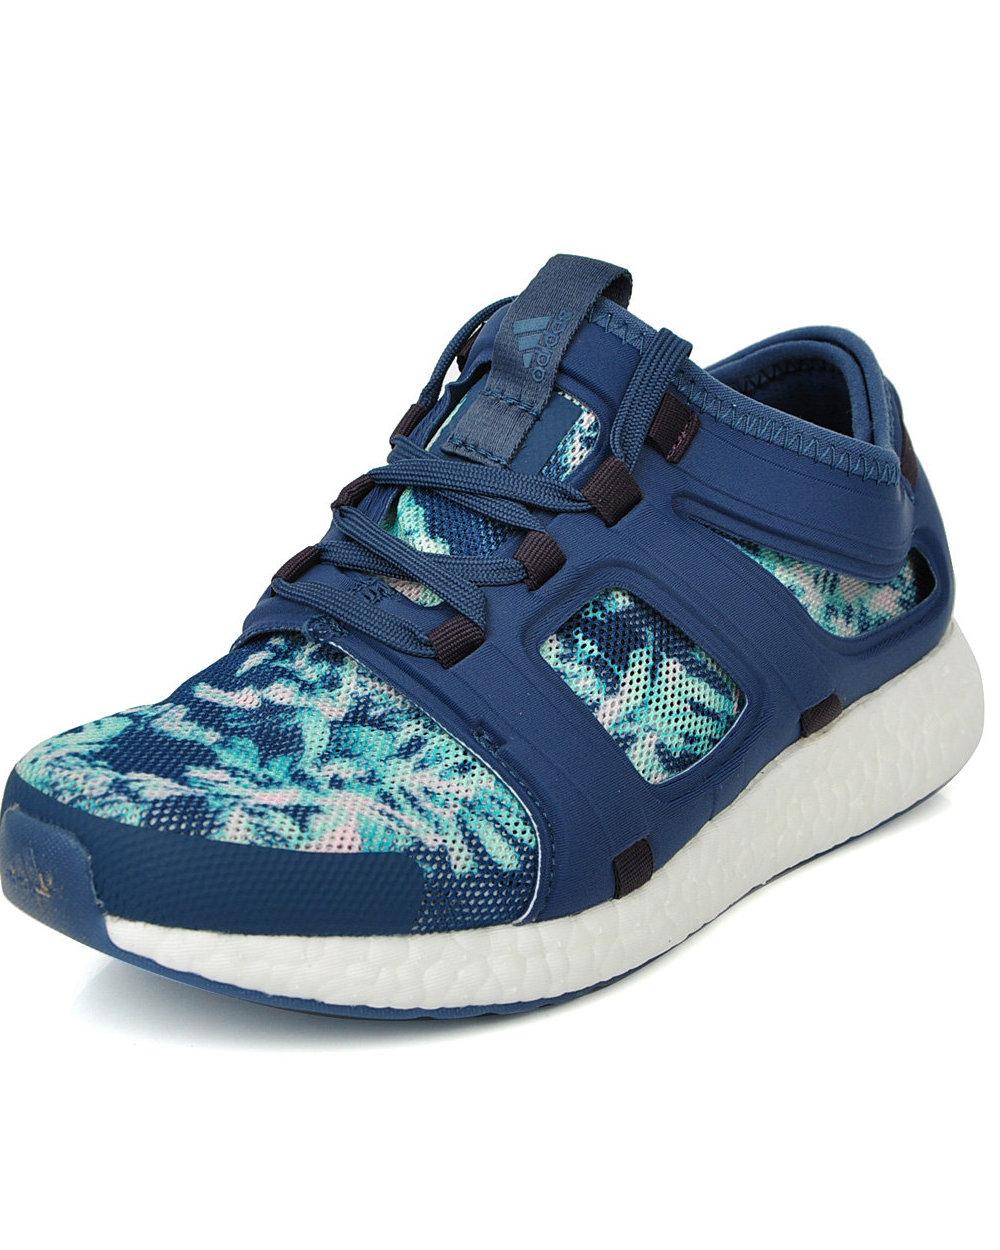 38f2798864f073 Adidas SportSchuhe LaufSchuhe Running Damen Blau CLIMACHILL ROCKET Boost 7 7  von 8 ...